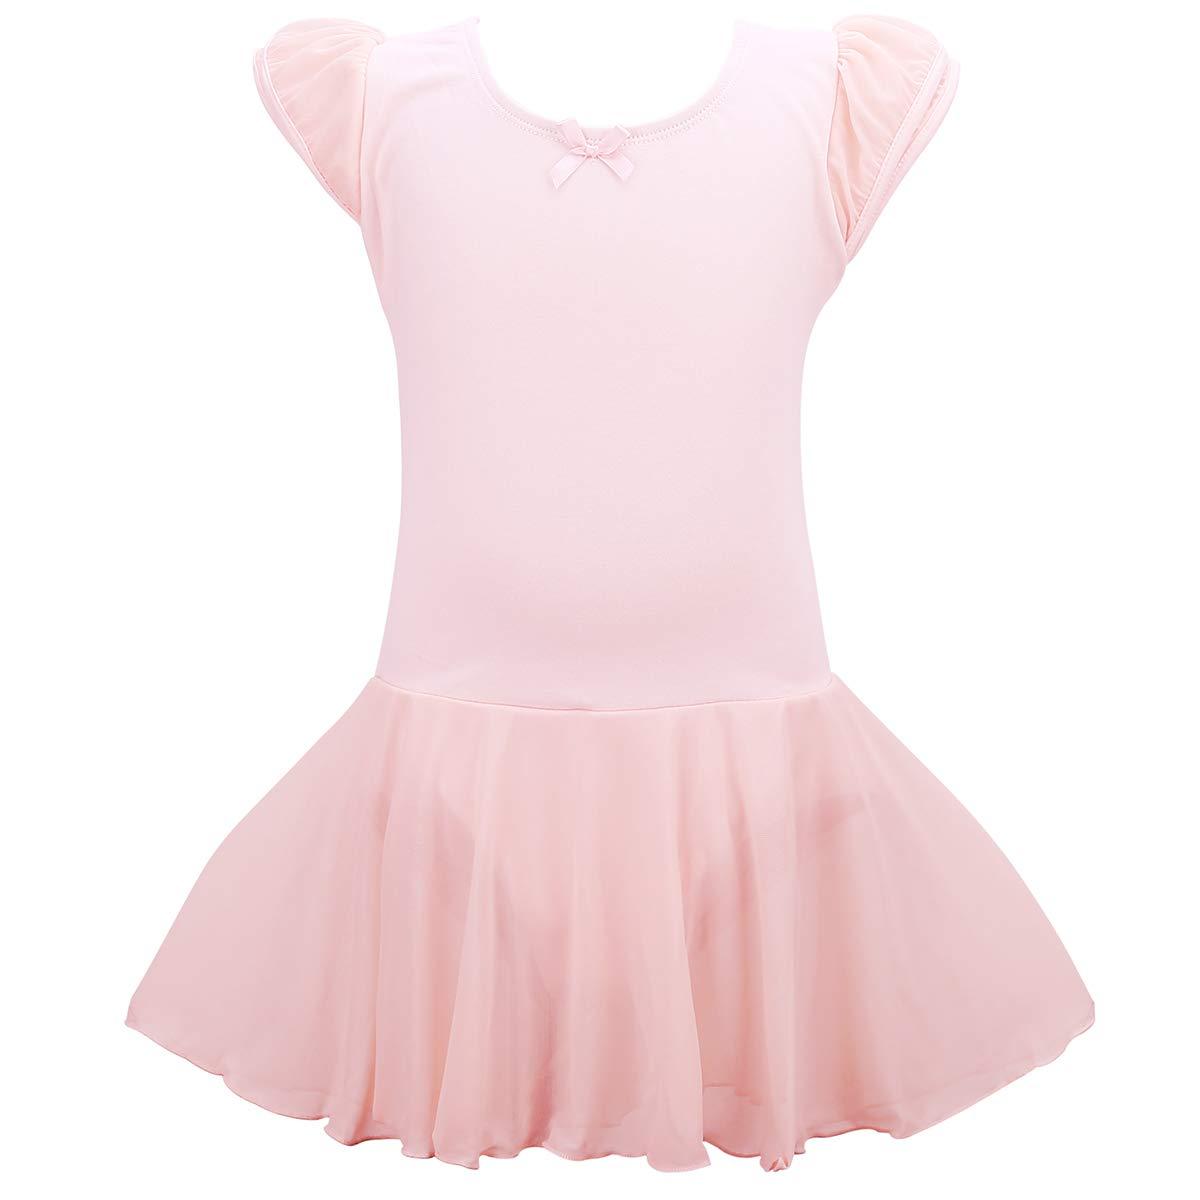 Jane Shine Girl Ballet Skirted Leotard, Flying Sleeve Cotton Ballet Dress with Tulle Skirt for Babies & Girls